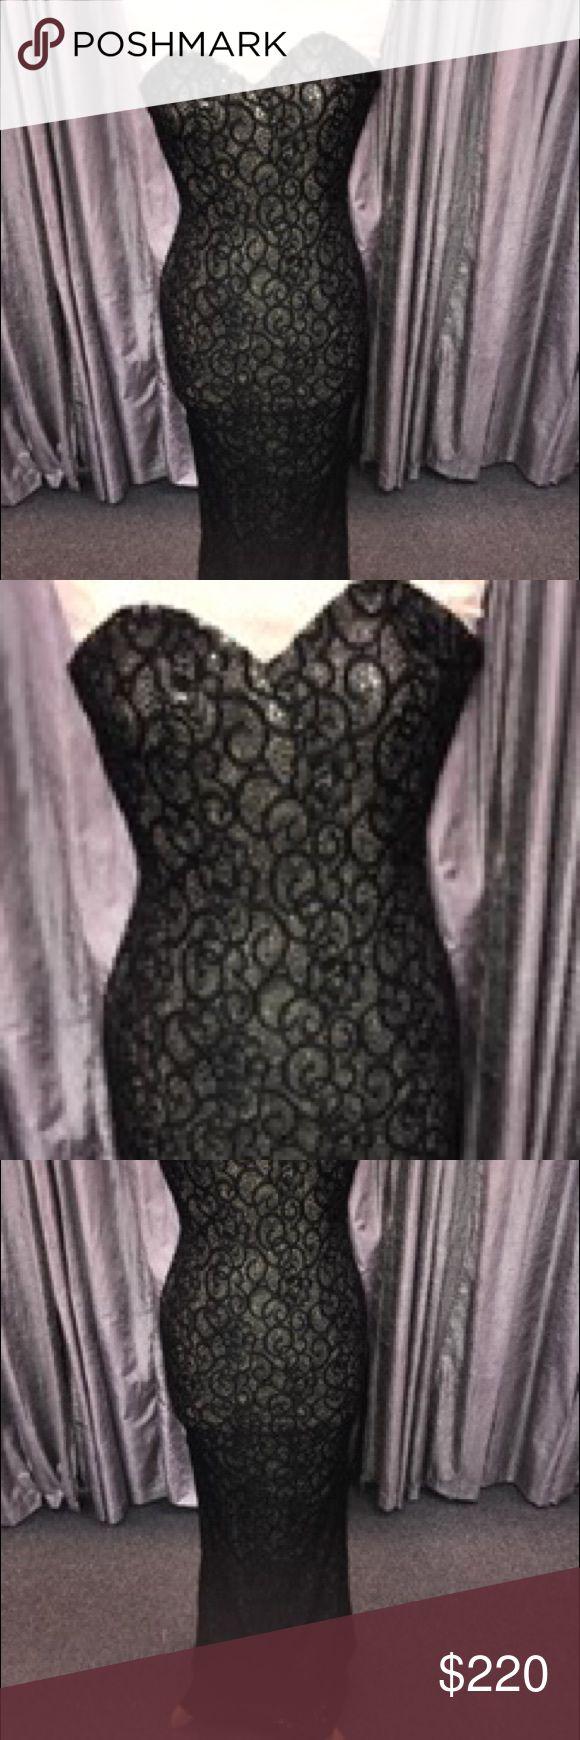 La Femme black and gold gown La Femme black lace over gold dress. Great condition. La Femme Dresses Prom